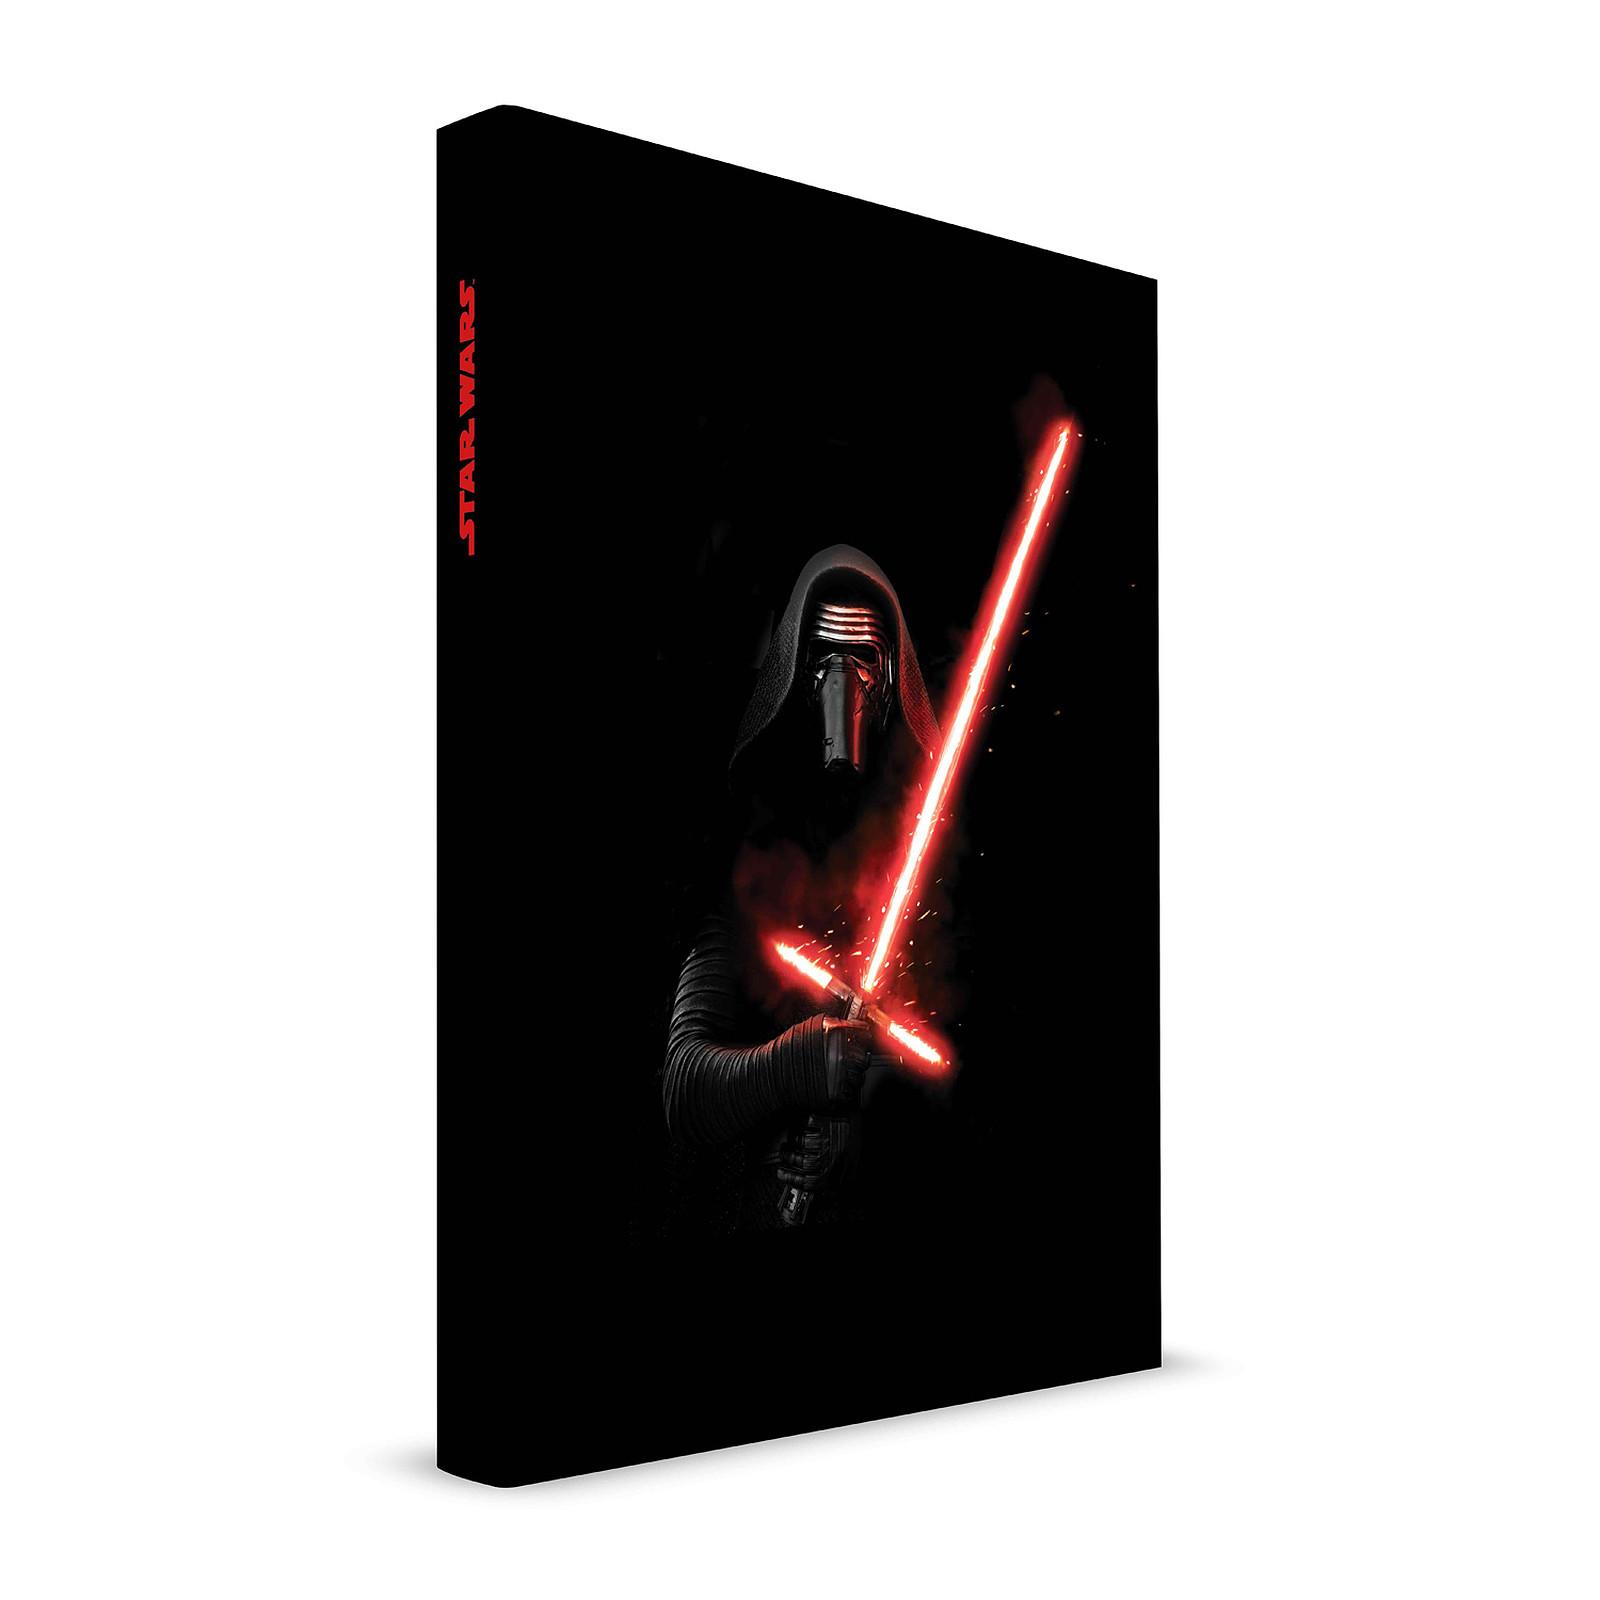 Cuaderno de notas Star Wars Episodio VII cuaderno de sonido y luz Kylo Ren